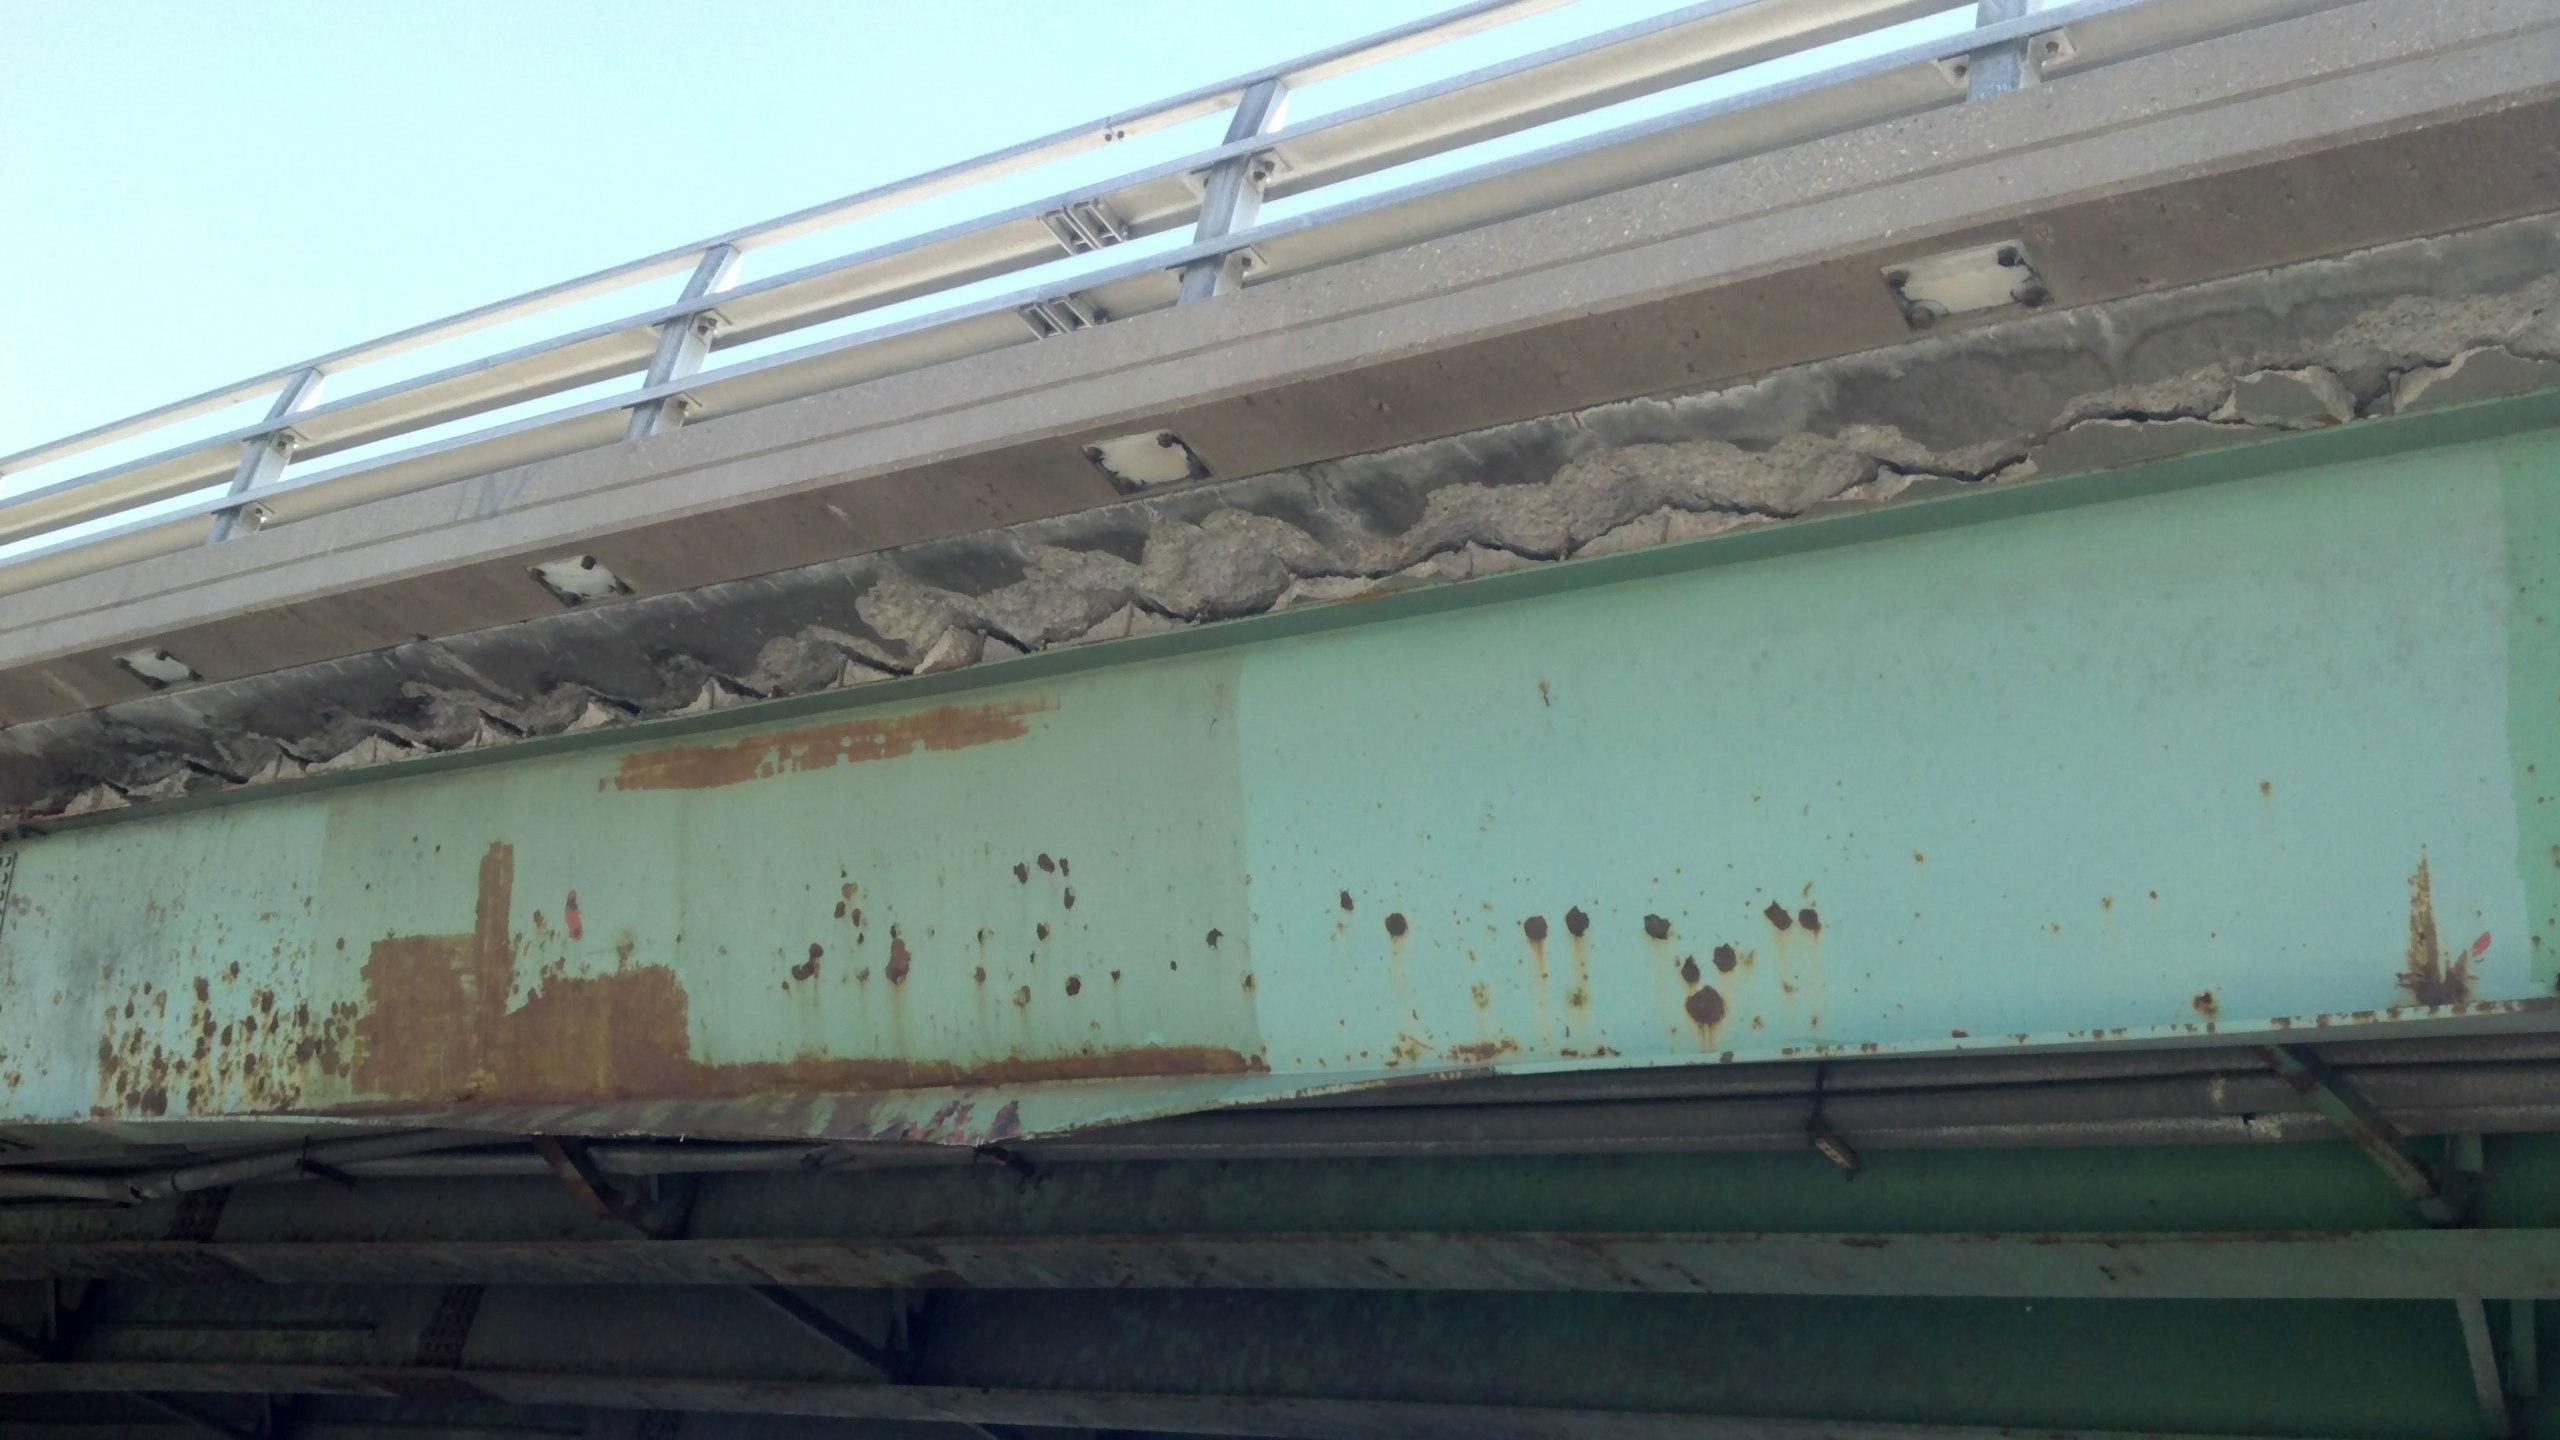 88th Ave. bridge damaged over I-25. Photo: CDOT. July 17, 2012